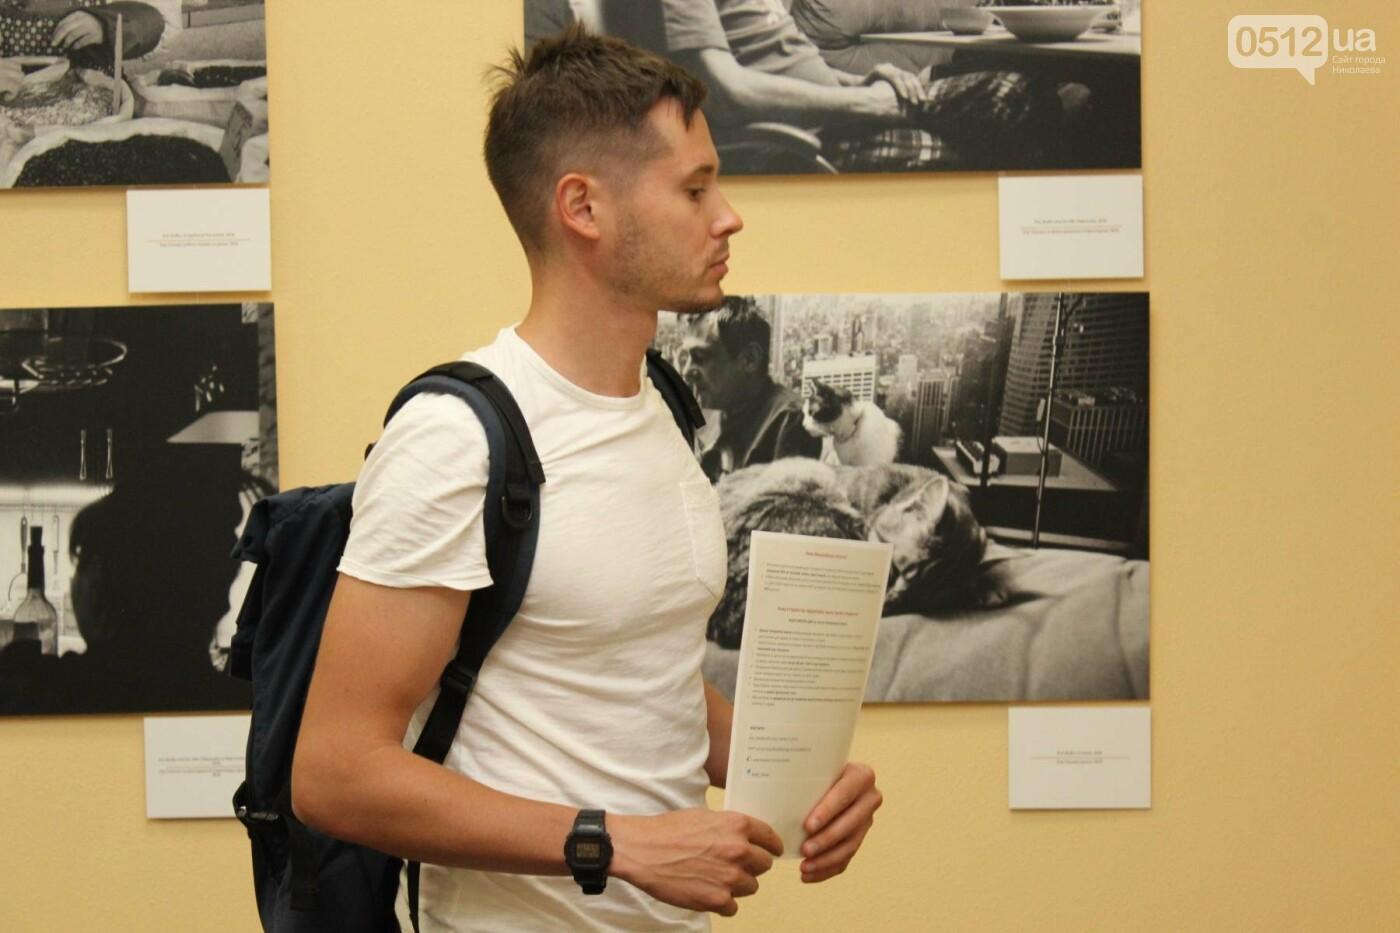 В Николаеве прошла фото-выставка людей, которые борются за жизнь, - ФОТО, фото-11